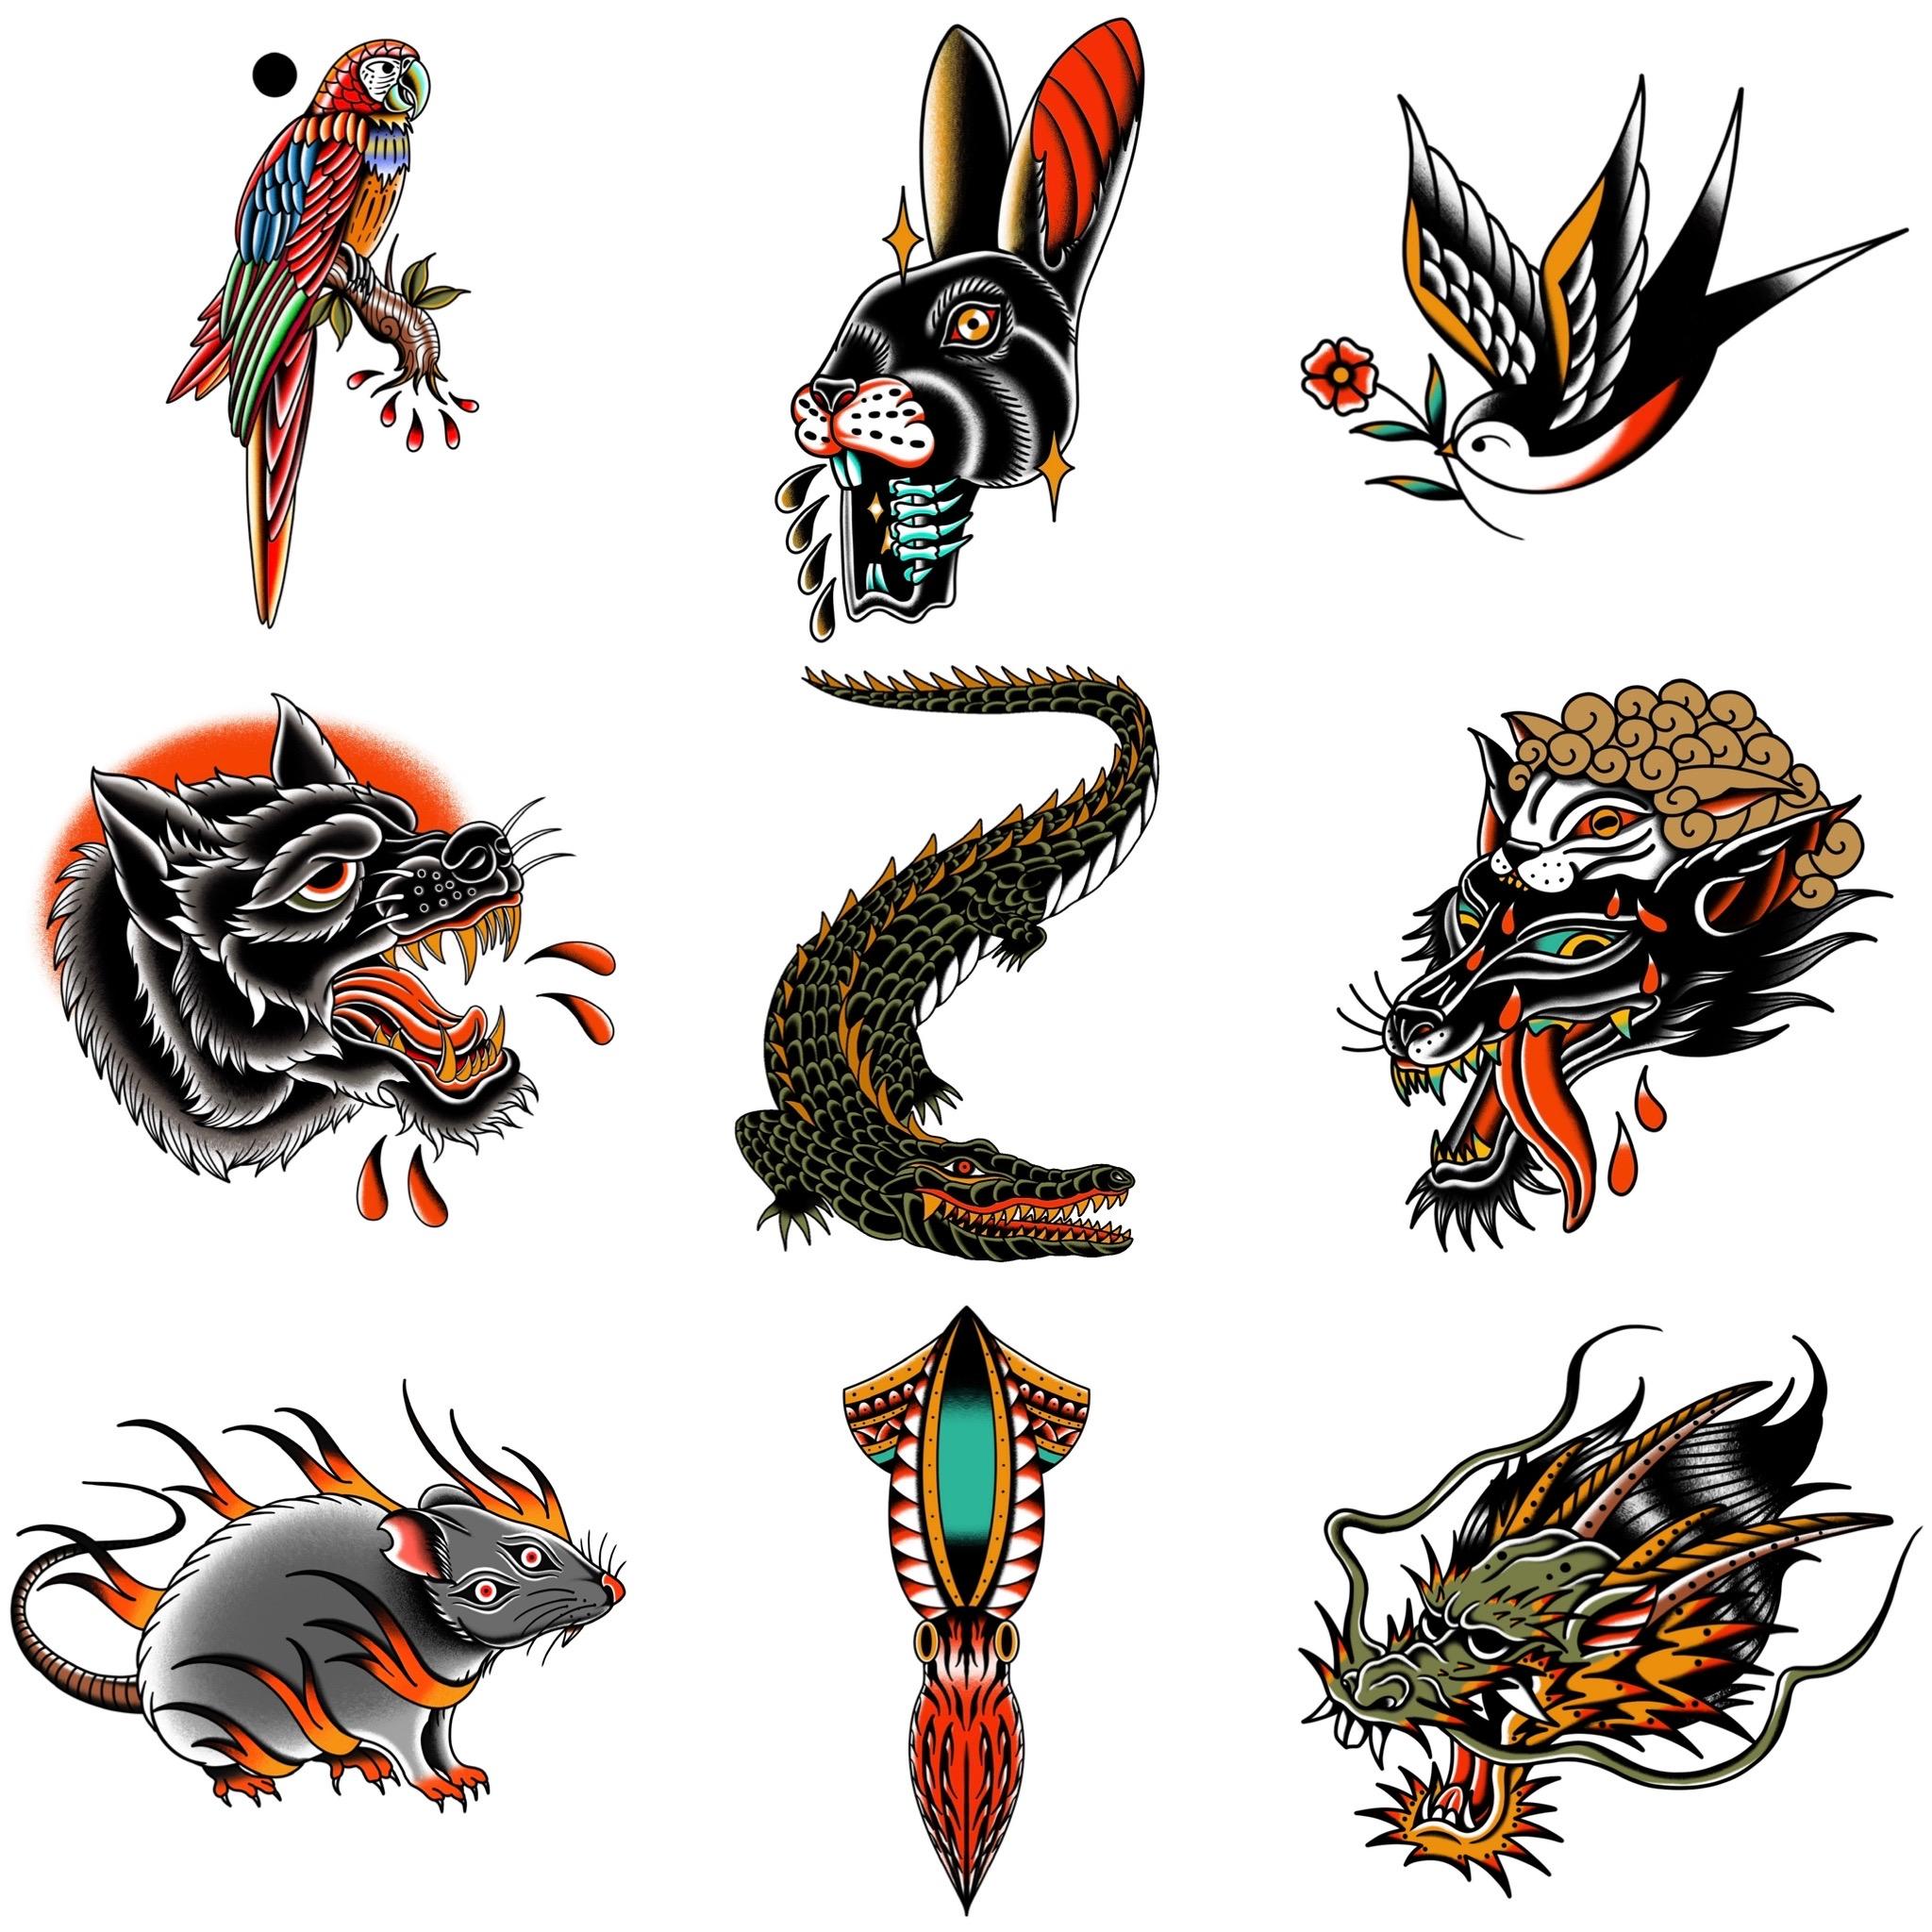 生物系のトラディショナルデザイン タトゥーデザイン トラディショナル 《東京タトゥースタジオ》